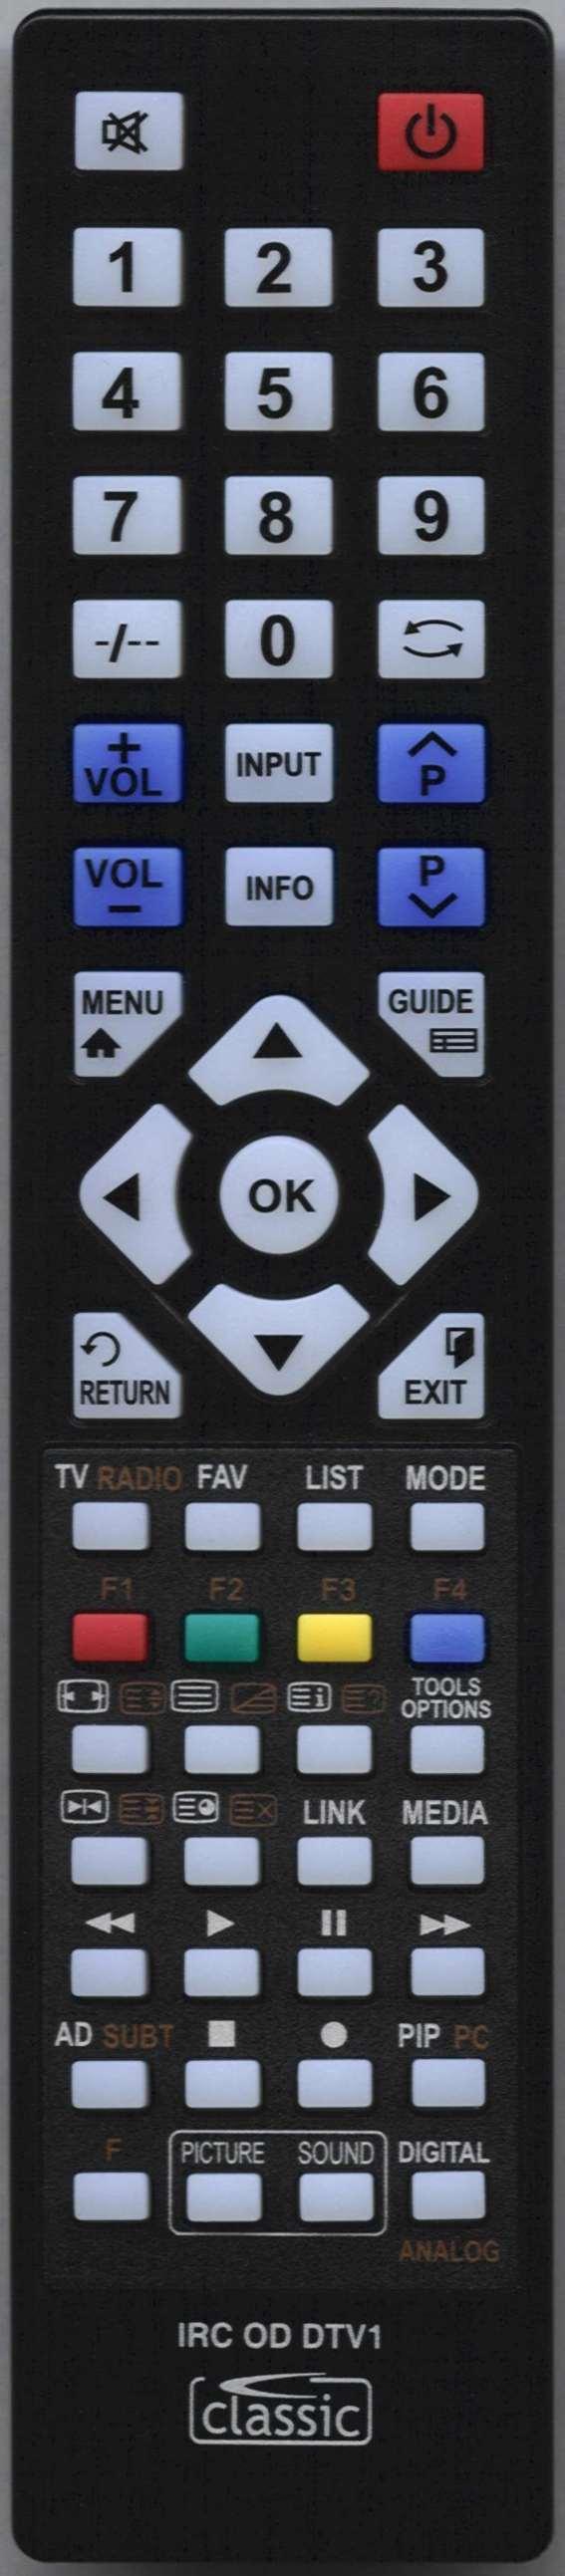 LUXOR LUX0132009/02 Remote Control Alternative